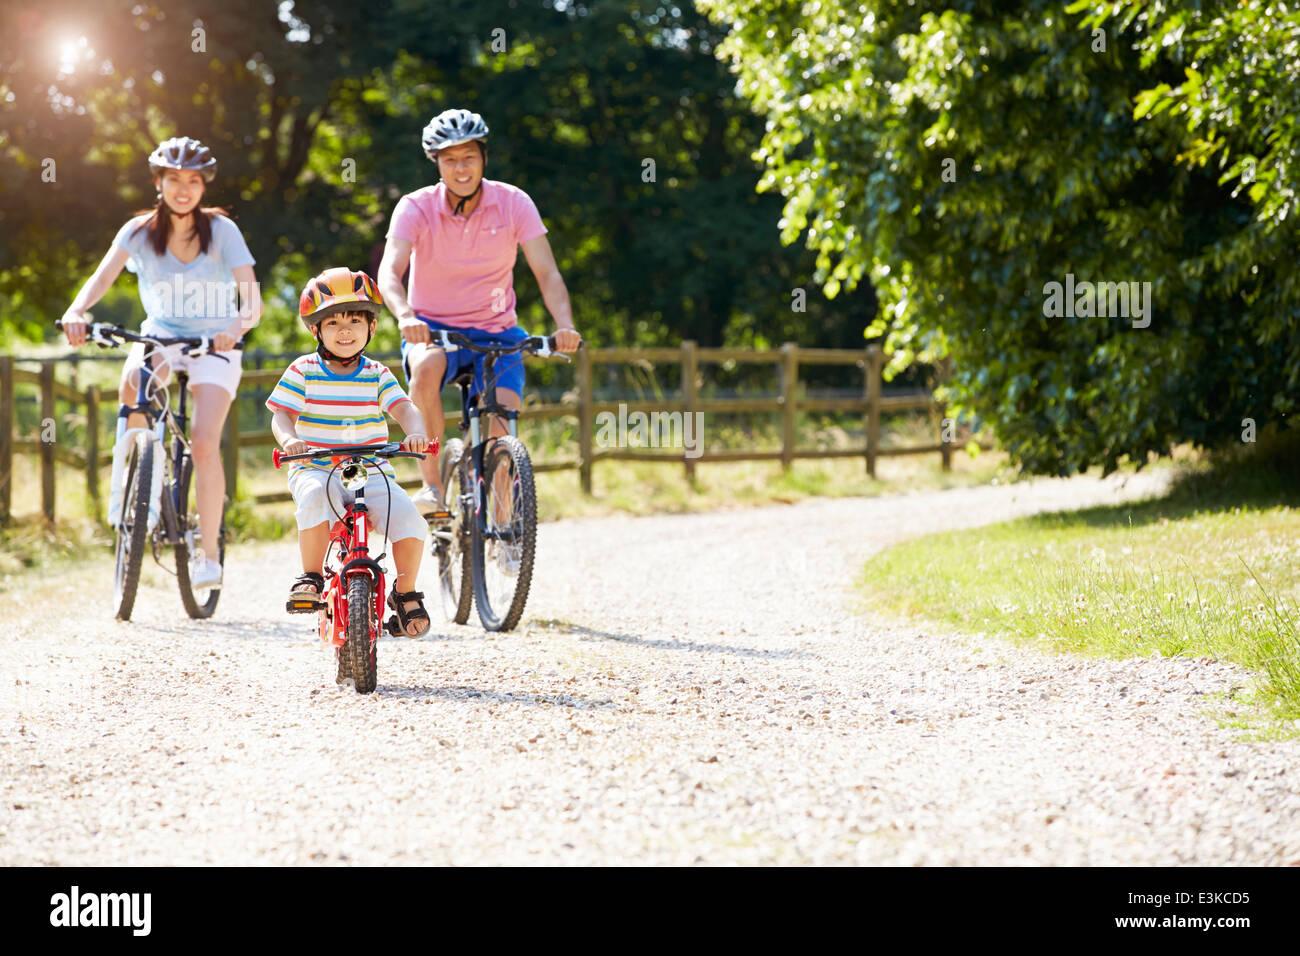 Famiglia asiatica sul tragitto in bicicletta in campagna Immagini Stock